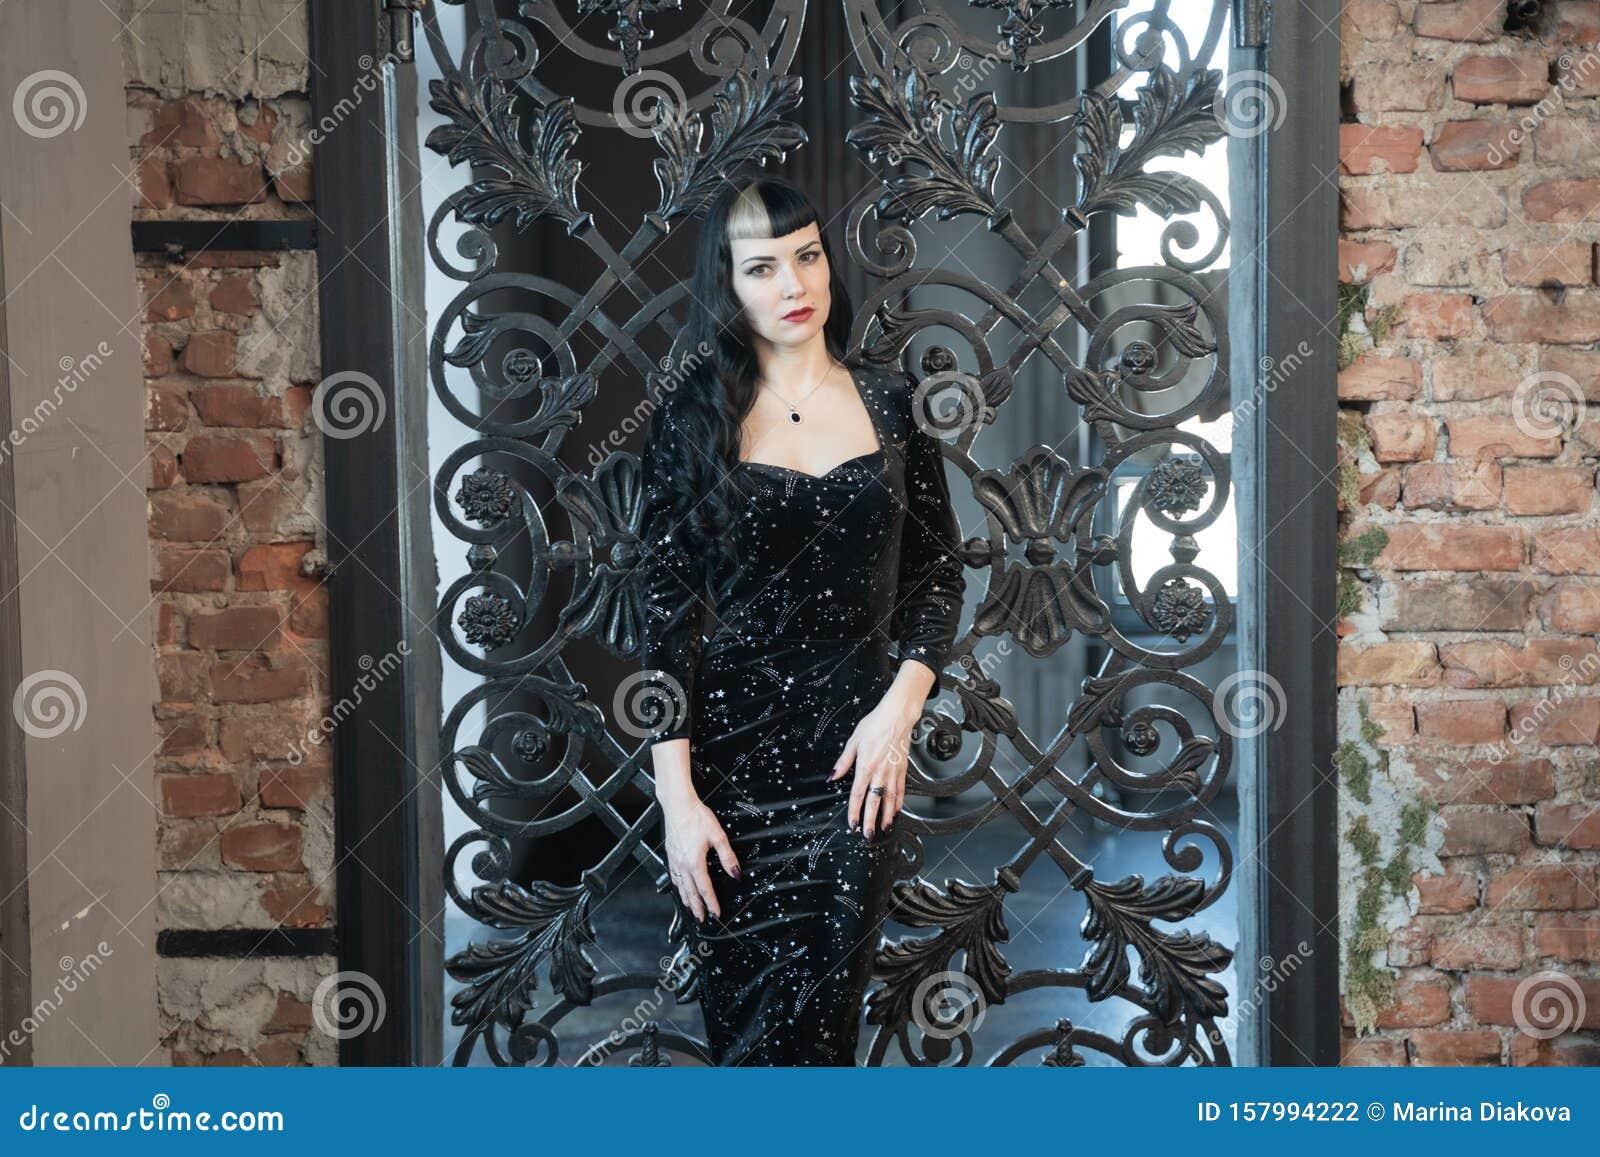 Gothic Slim Kaukasier Madchen In Einem Schwarz Dichten Kleid Posiert In Ihrem Zimmer Stockfoto Bild Von Haar Hintergrund 157994222